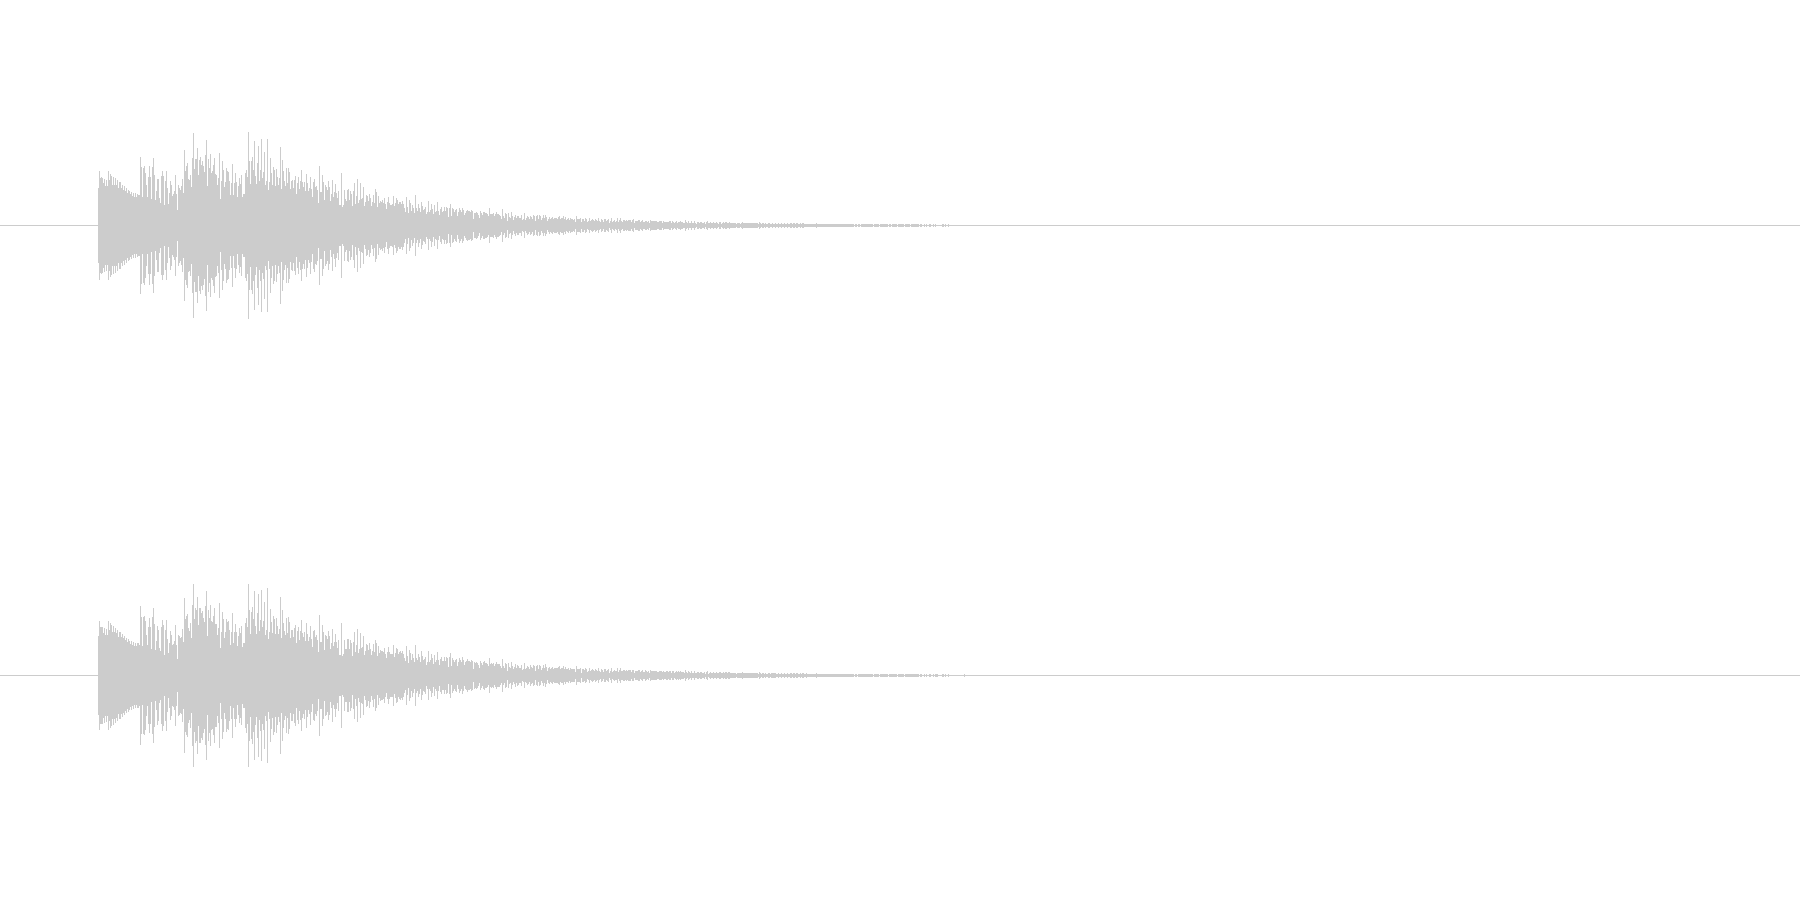 決定音 タッチ音 ベル系音色 音域高めの未再生の波形